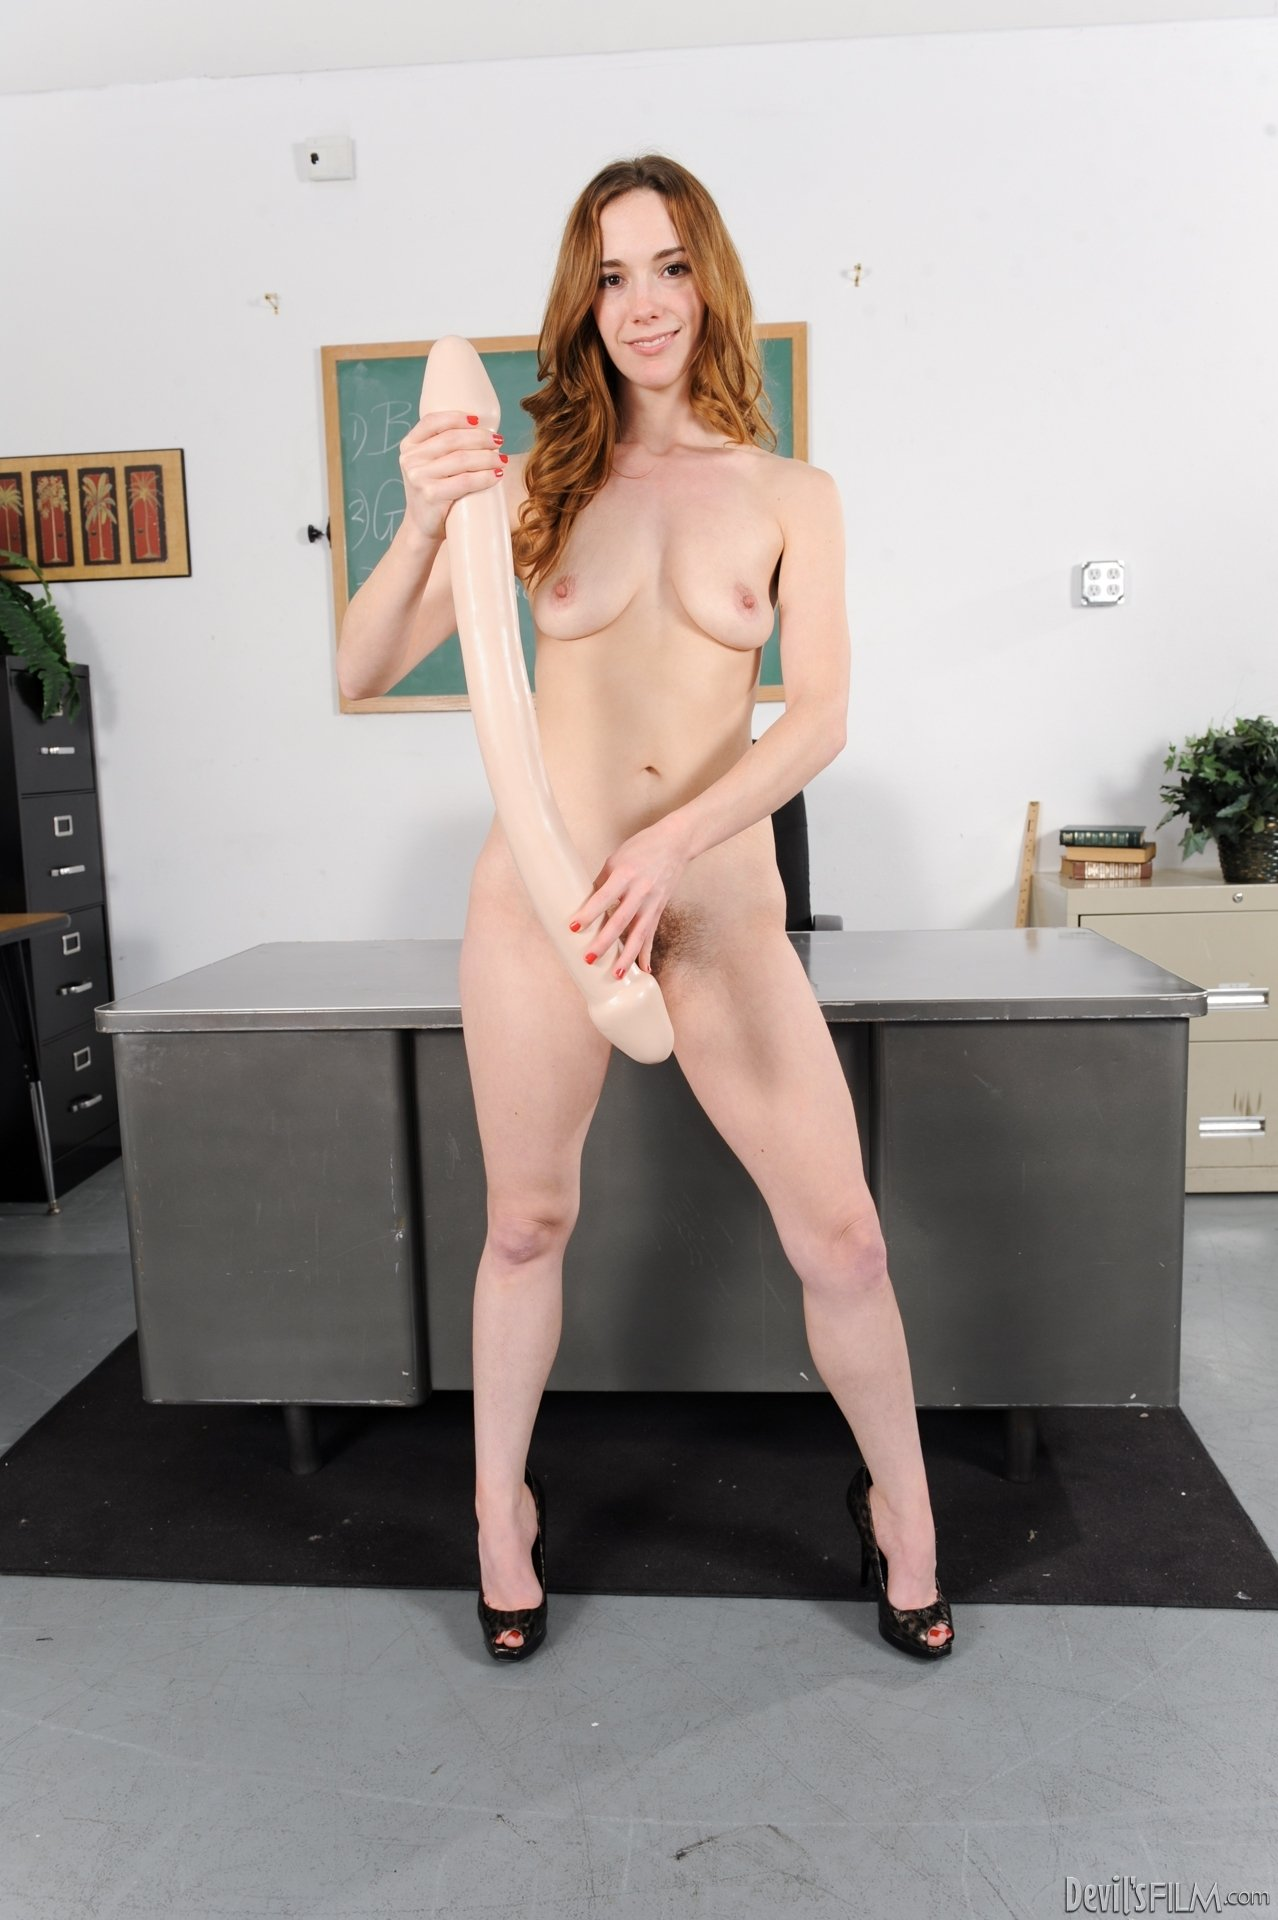 Большие секс игрушки - Порно фото галерея 927151